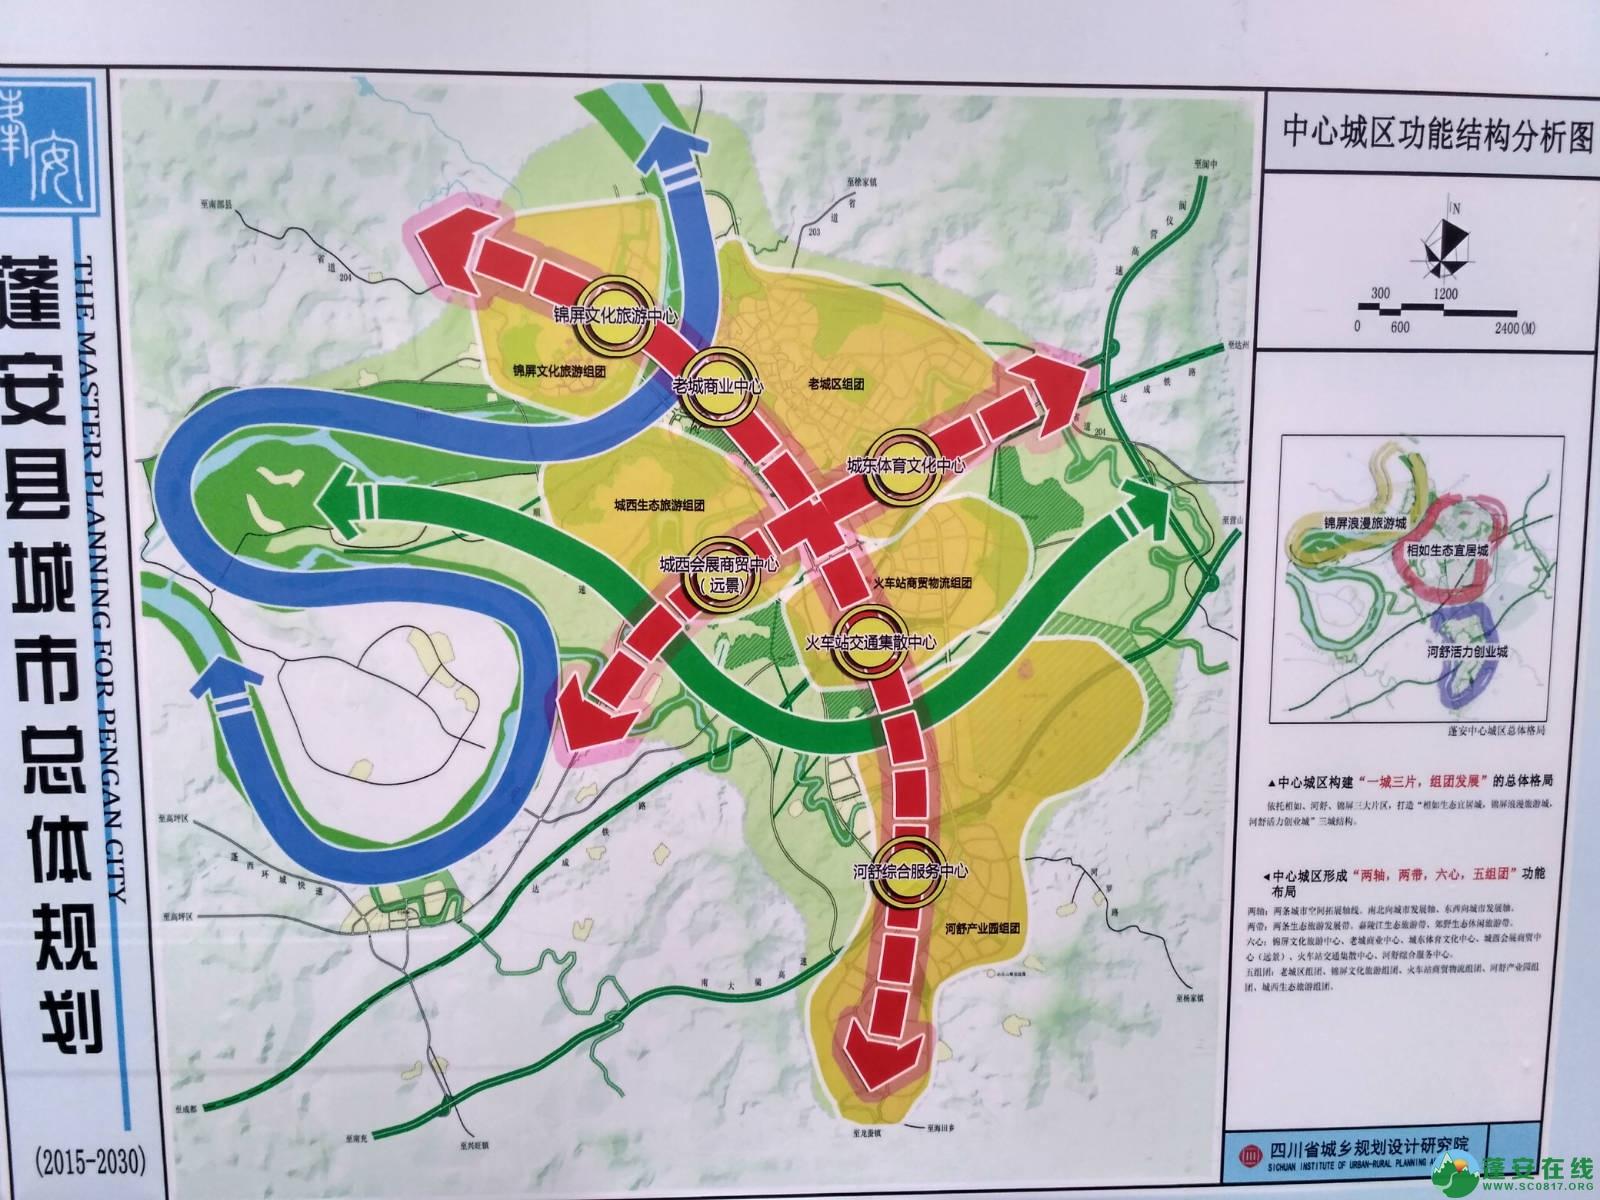 蓬安县2015年-2030年最新城市总体规划公示 - 第9张    蓬安在线